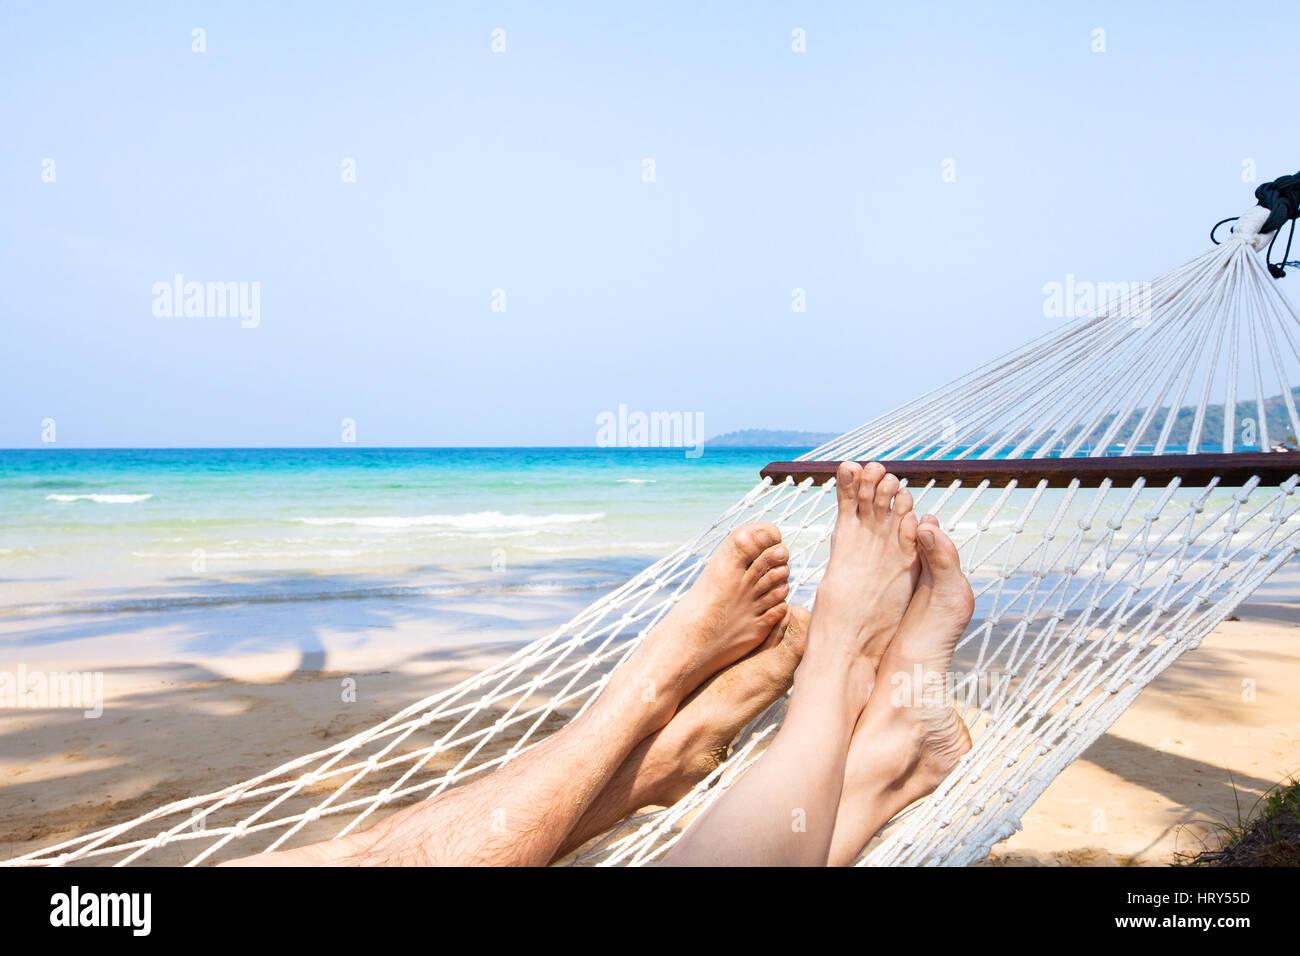 Vacaciones en familia en la playa, a los pies de la pareja en una hamaca, fondo de relajación Imagen De Stock